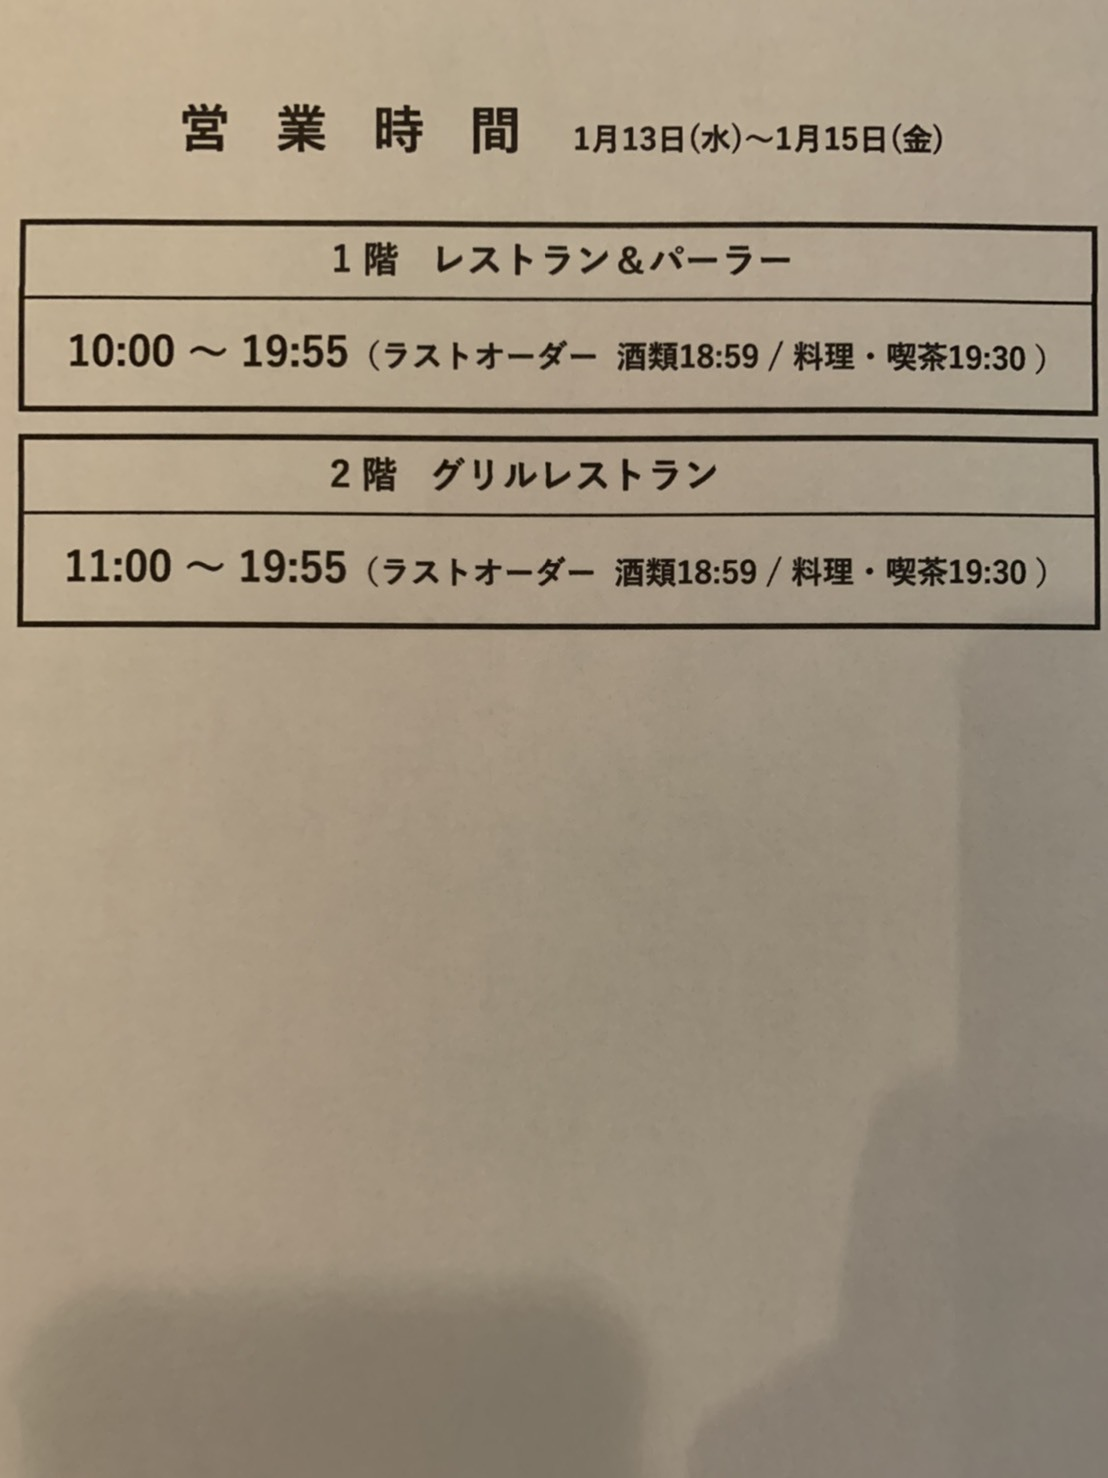 営業時間 短縮の件  レストラン菊水_d0162300_16252573.jpg